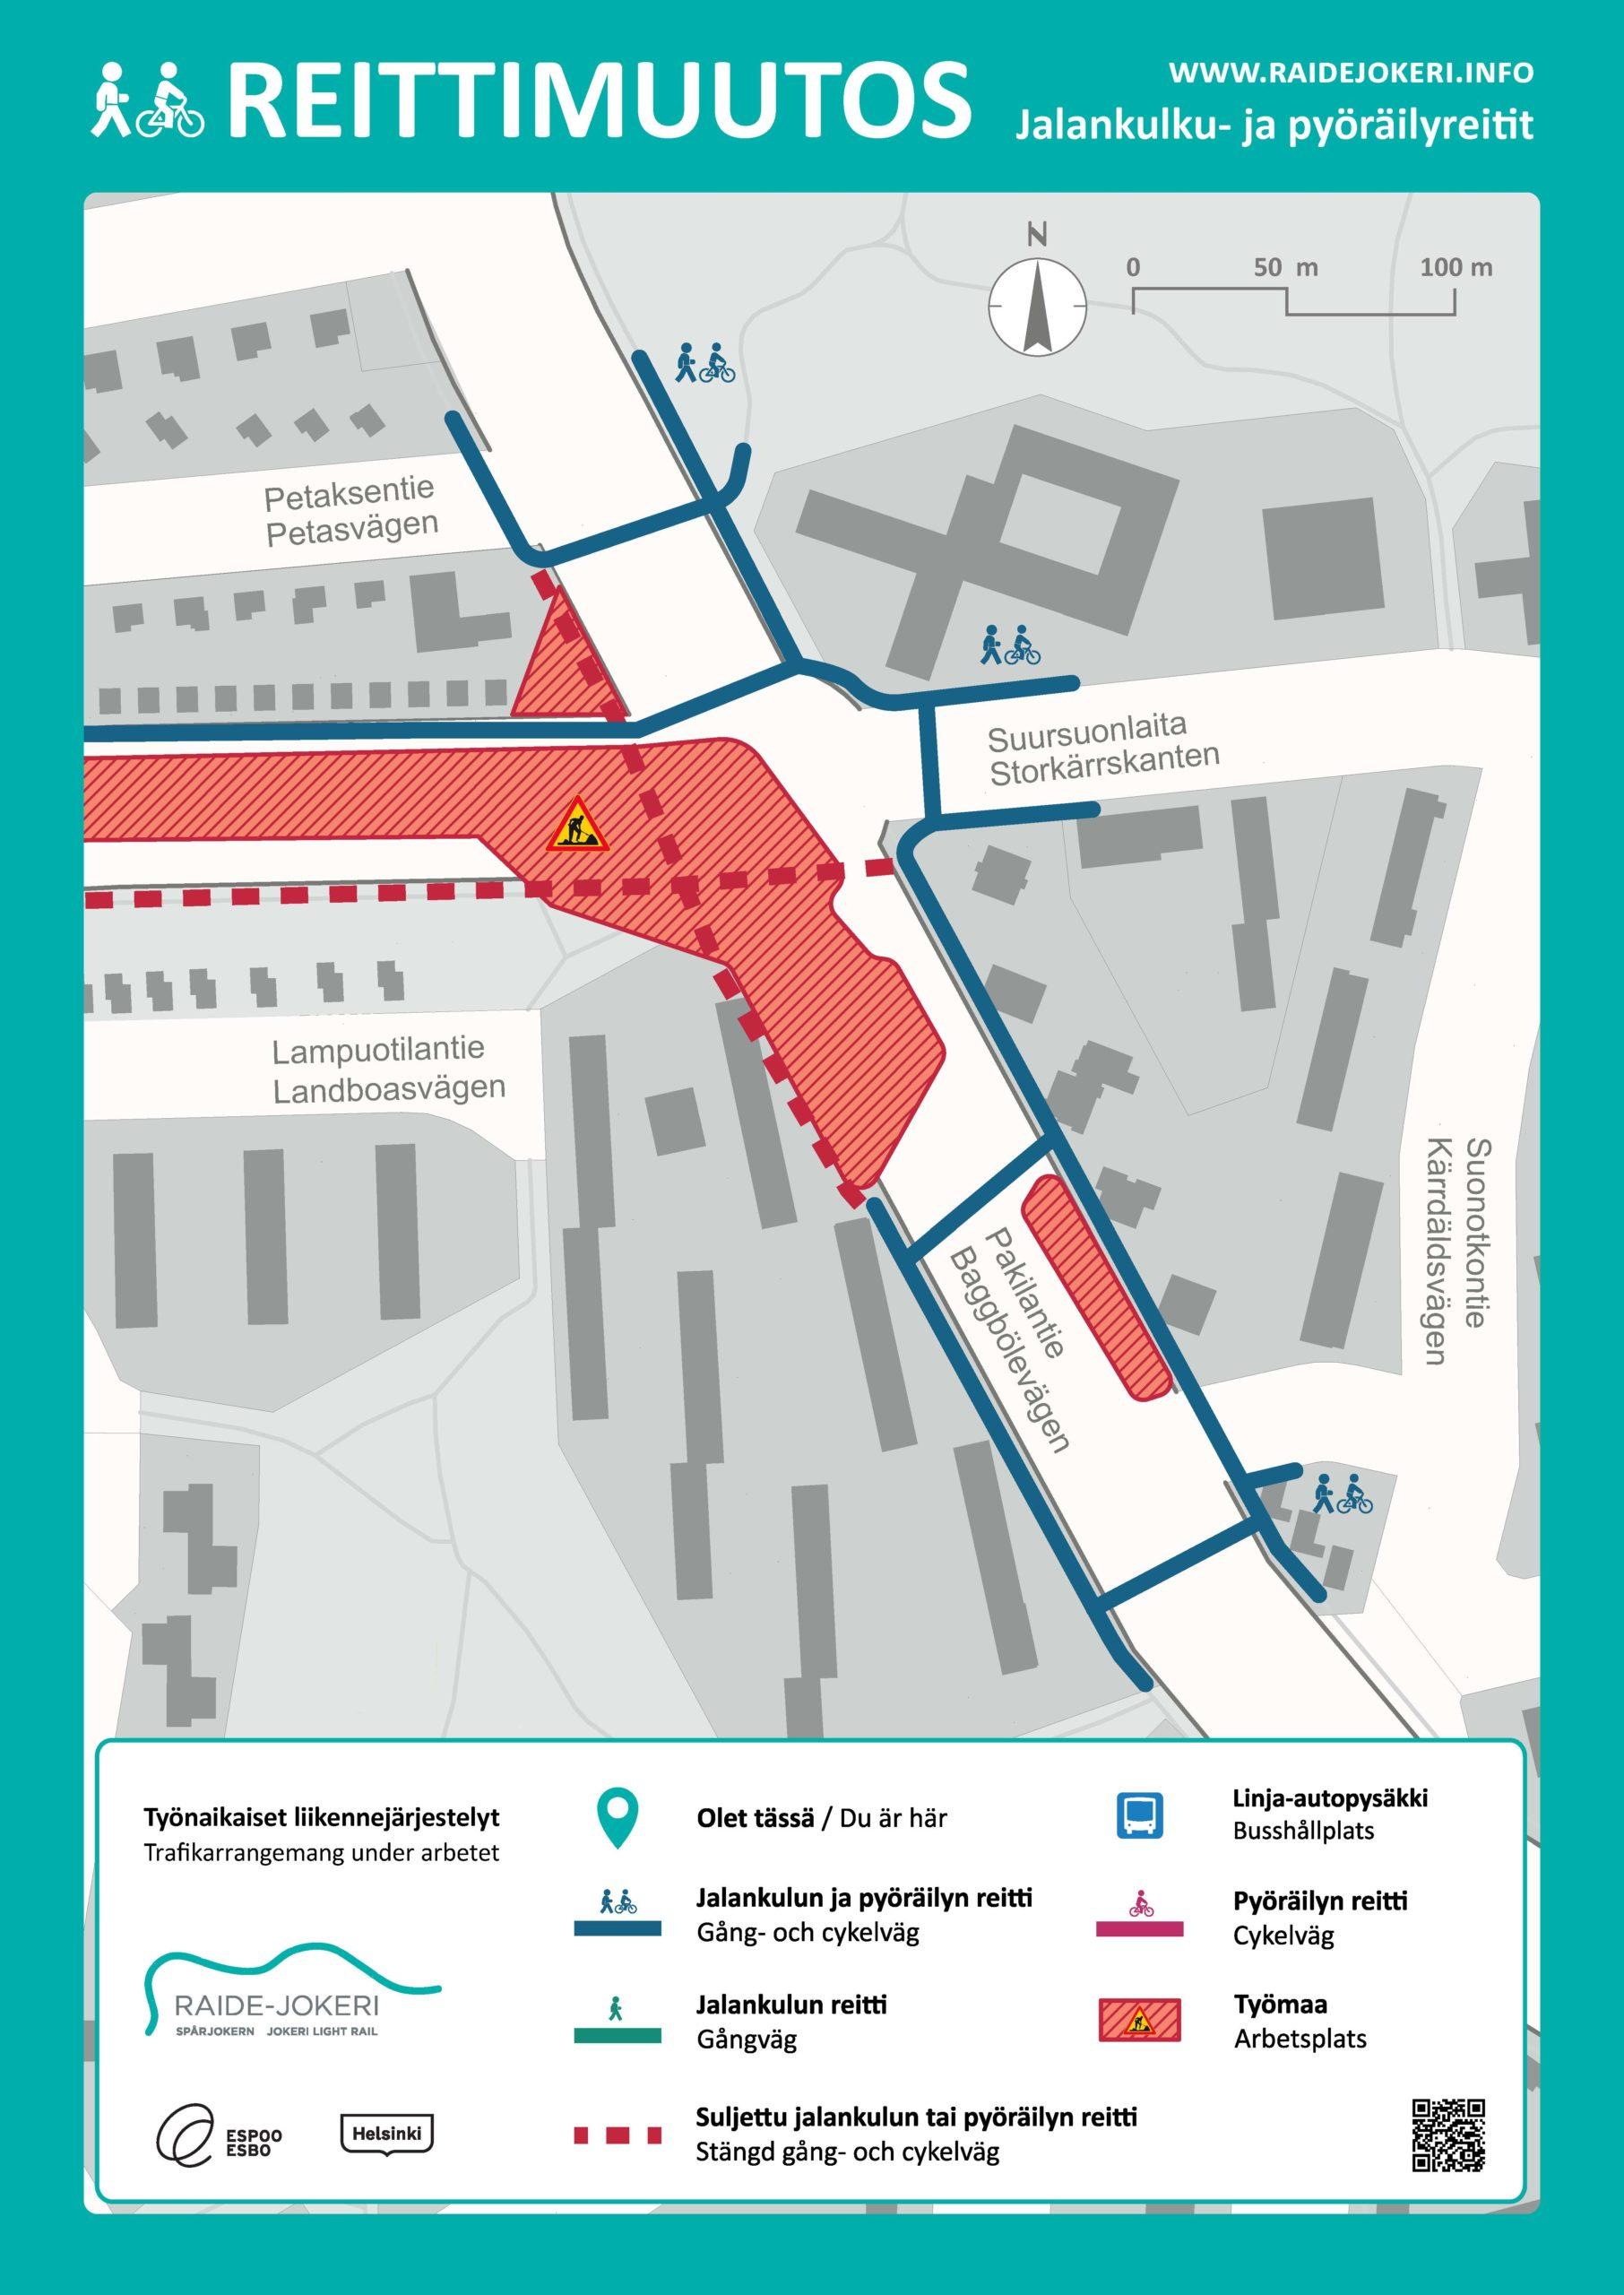 Pakilantien jalankulun ja pyöräilyn reitit Pirjontien ja Tammiontien välisellä osuudella opaskartalla.